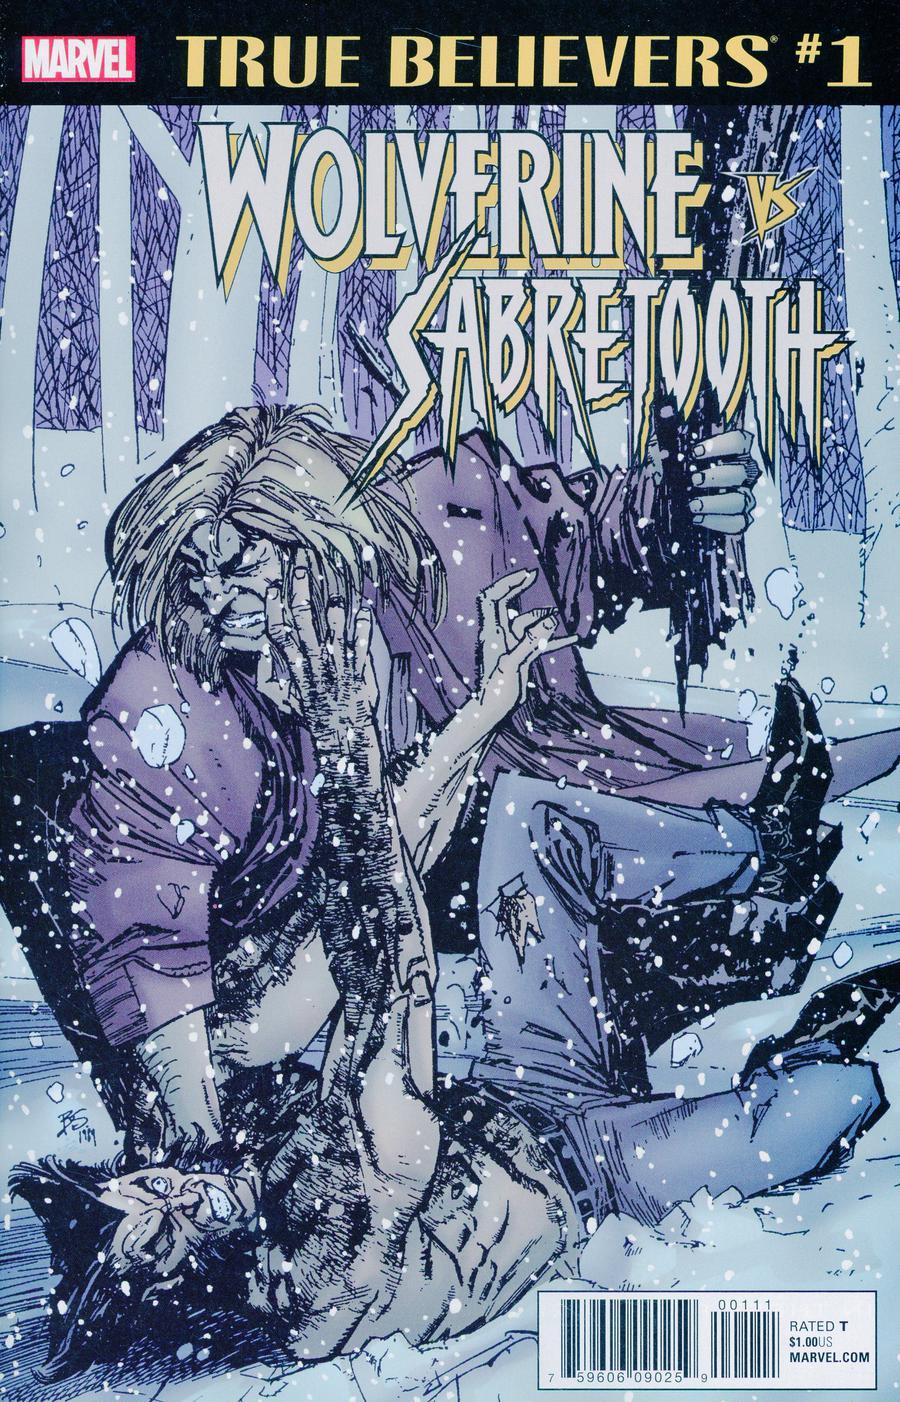 True Believers Wolverine vs Sabretooth #1